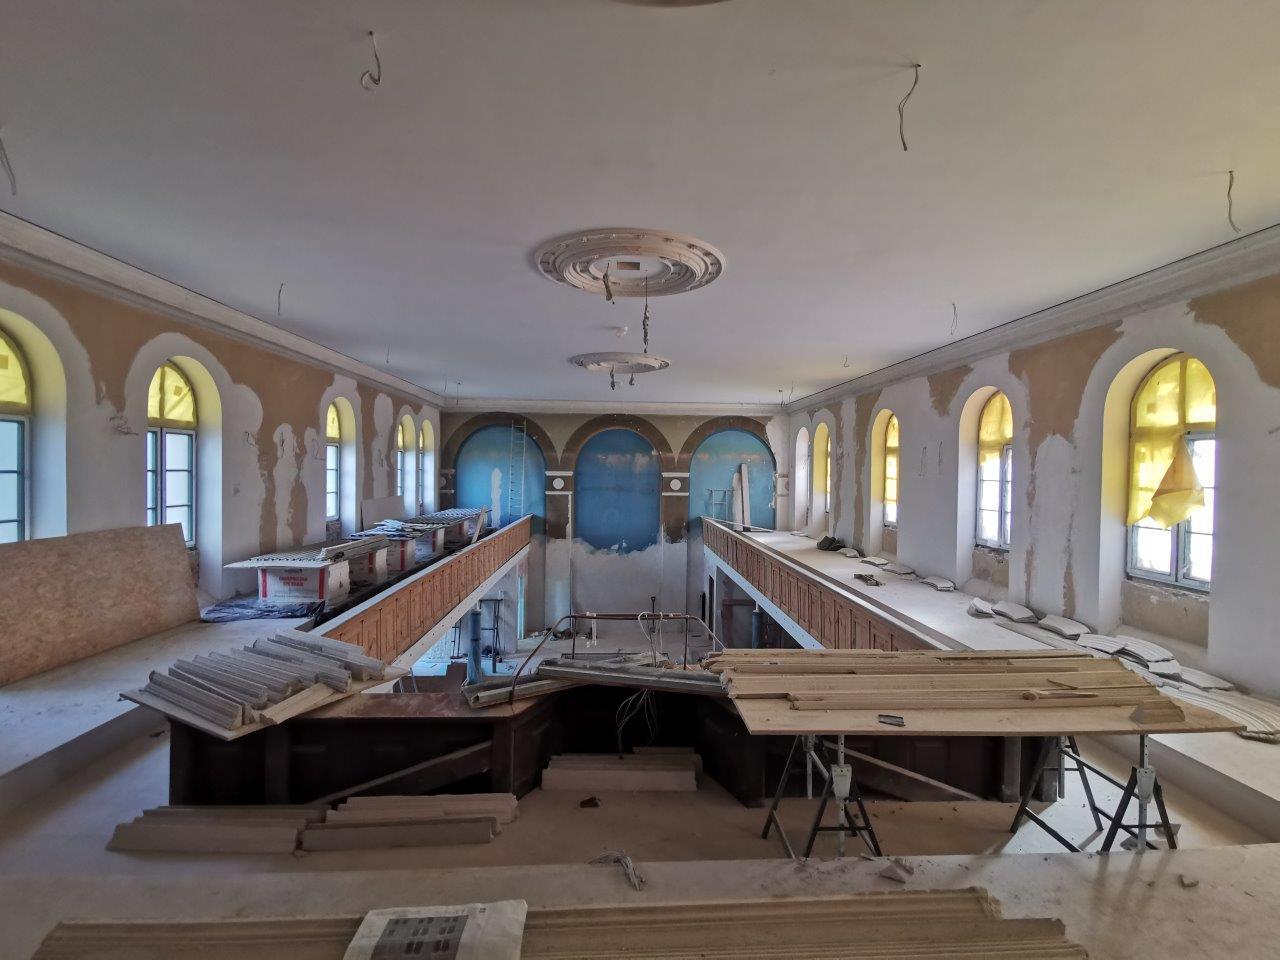 Już wkrótce zakończenie rewitalizacji zabytkowego kościoła Baptystów wSzczecinie, dzięki pozyskanej przezNajda Consulting dotacji unijnej